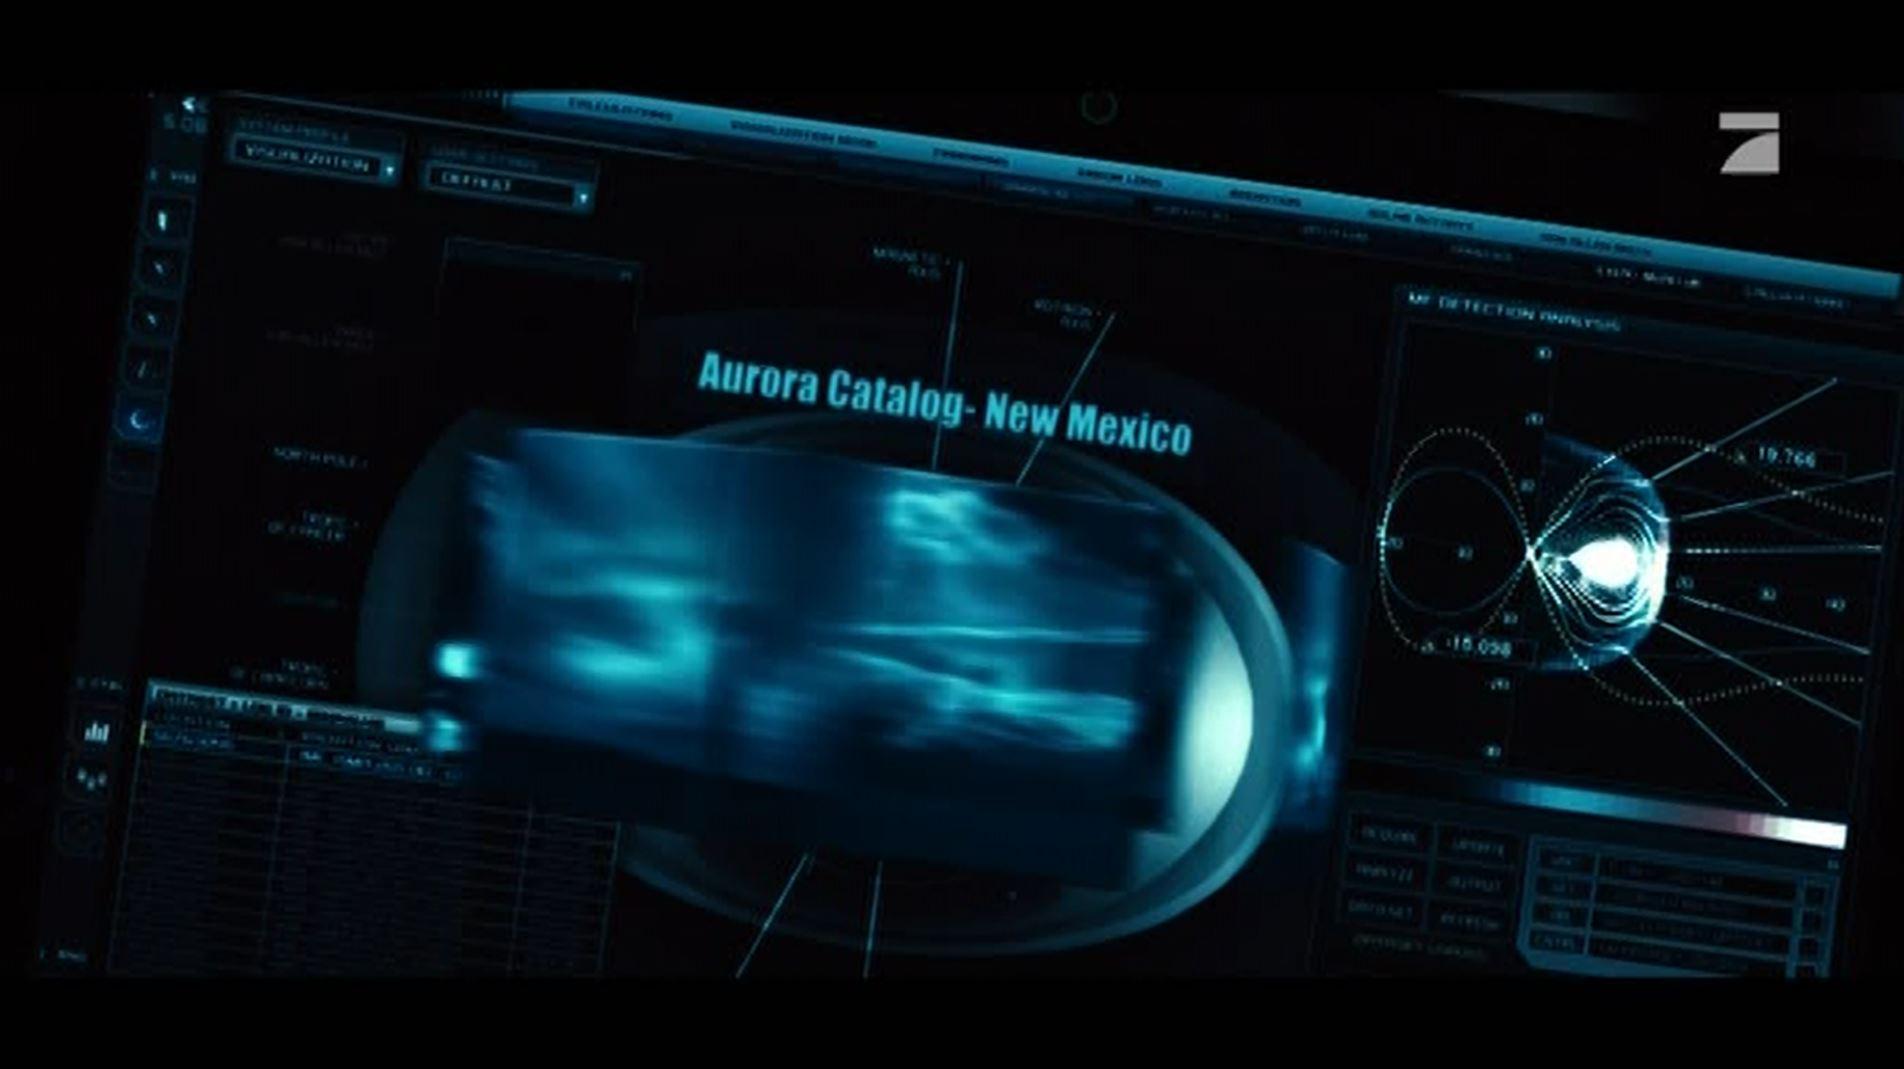 2011 - Spielfilm Thor - Computermonitor mit der Aufschrift 'Aurora Catalog New Mexico' (Minute 1.46). Die Göttin Aurora ist die Mutter Lucifers. Alles klar, Herr Kommissar?